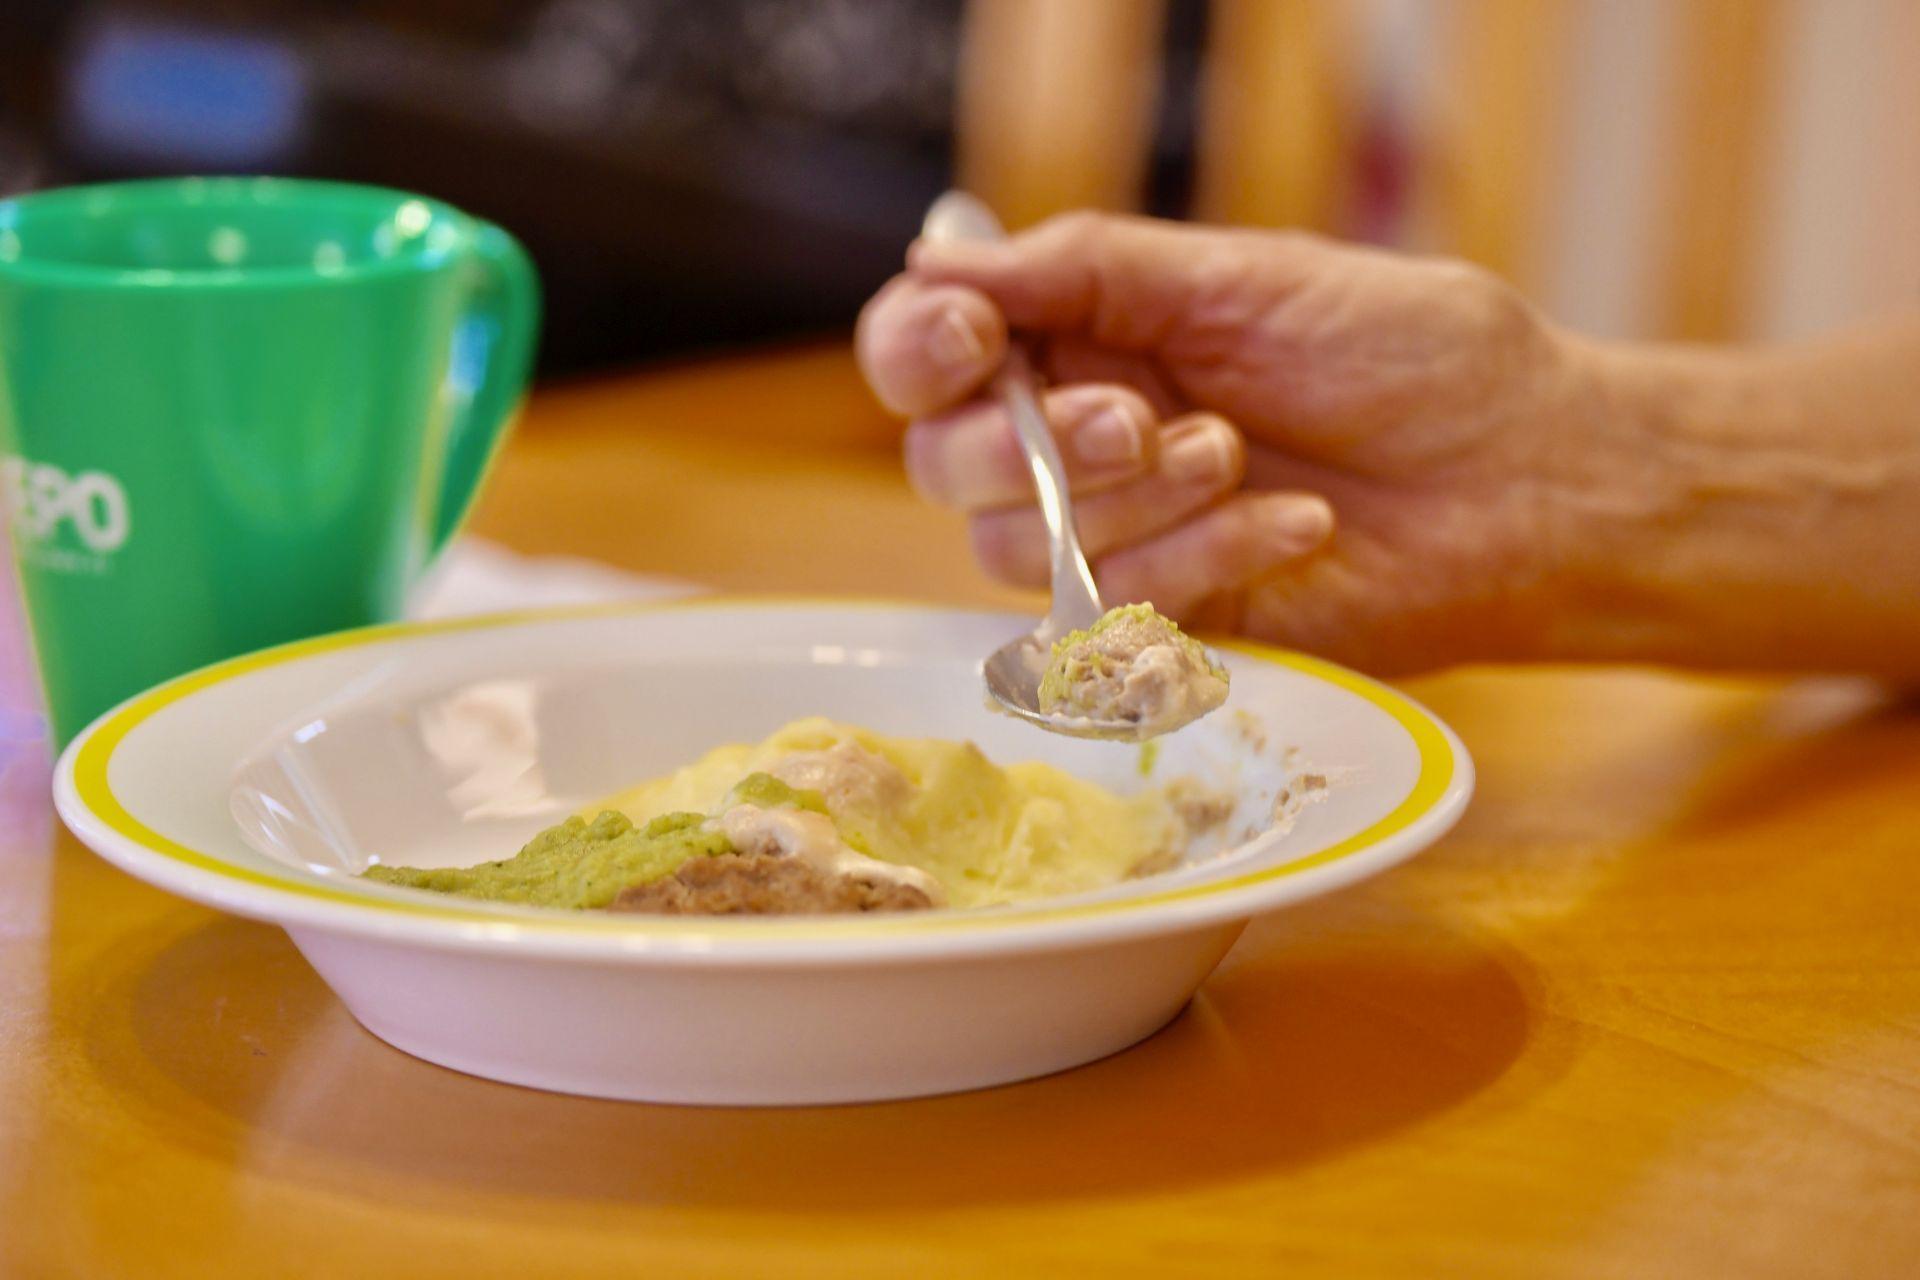 En tallrik med gröt och en hand som håller i en sked.